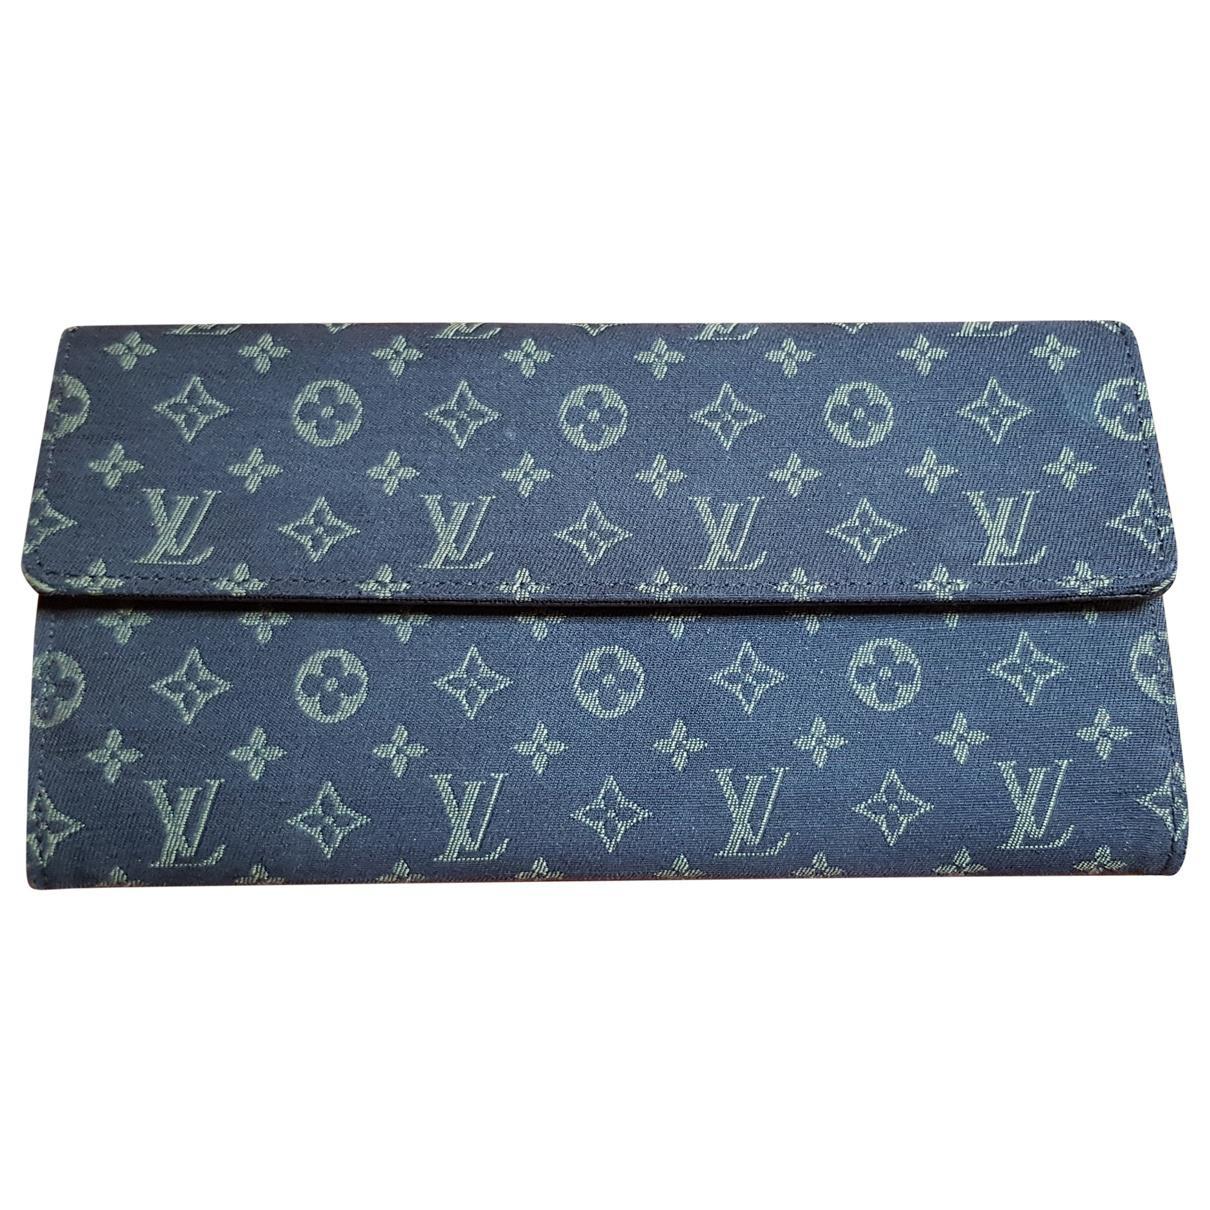 Lyst - Portefeuille en toile Louis Vuitton en coloris Marron e1a5cc87664